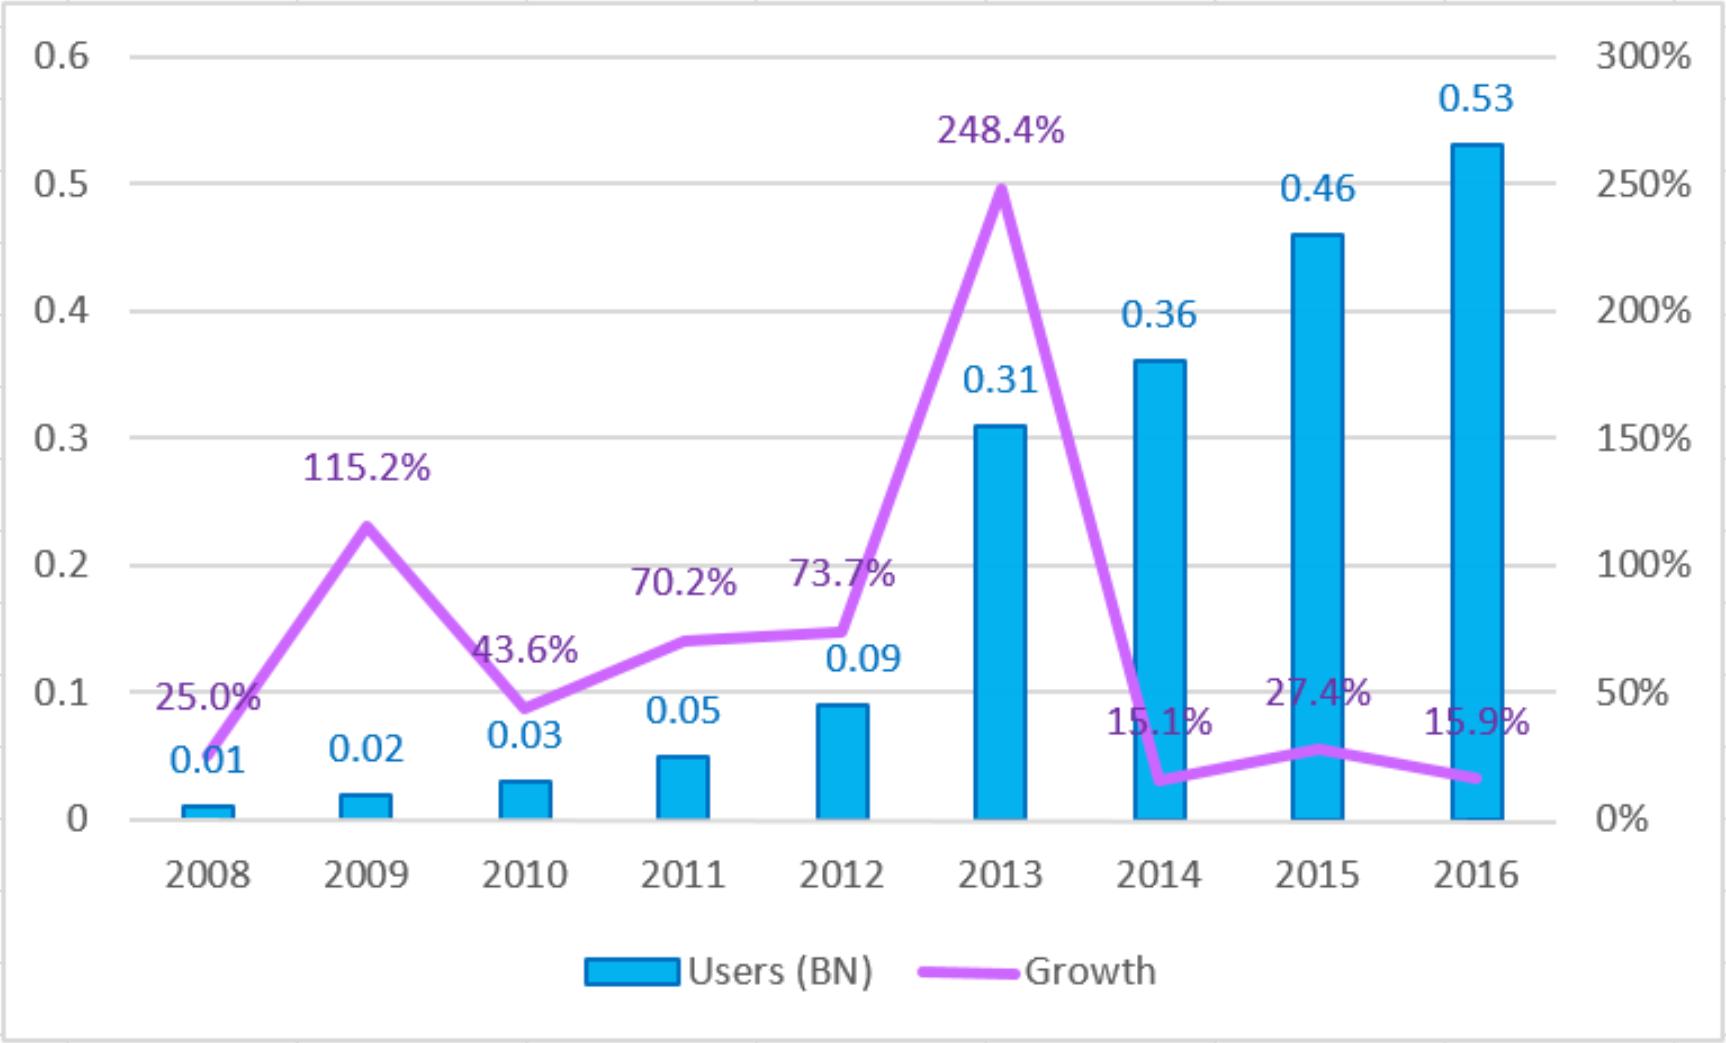 2008  -  2016中国移动游戏用户数目示意图(来源:GPC 2016)